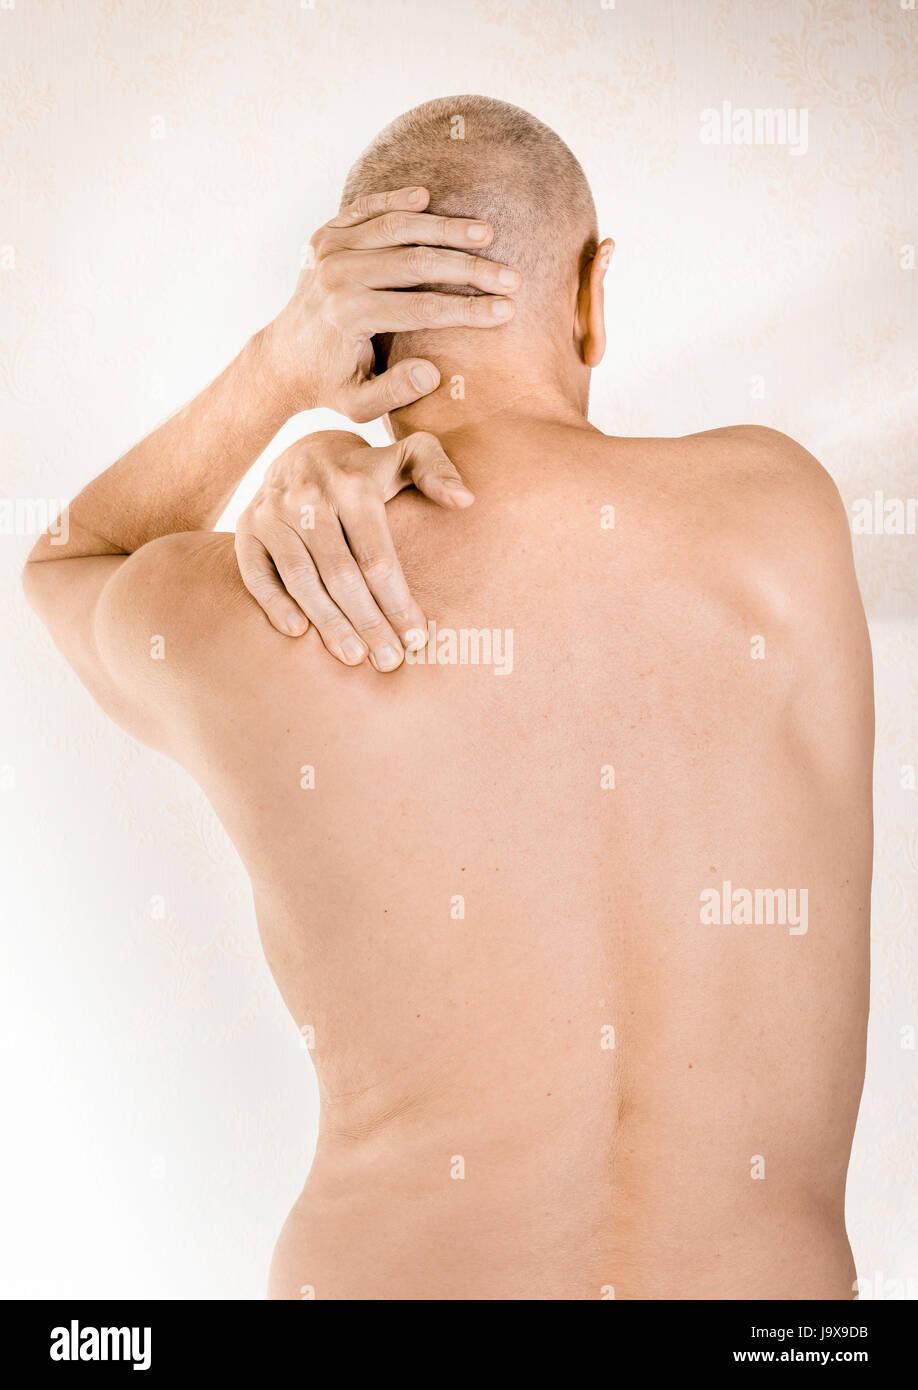 Ausgezeichnet Muskeln Des Oberen Rückens Fotos - Menschliche ...